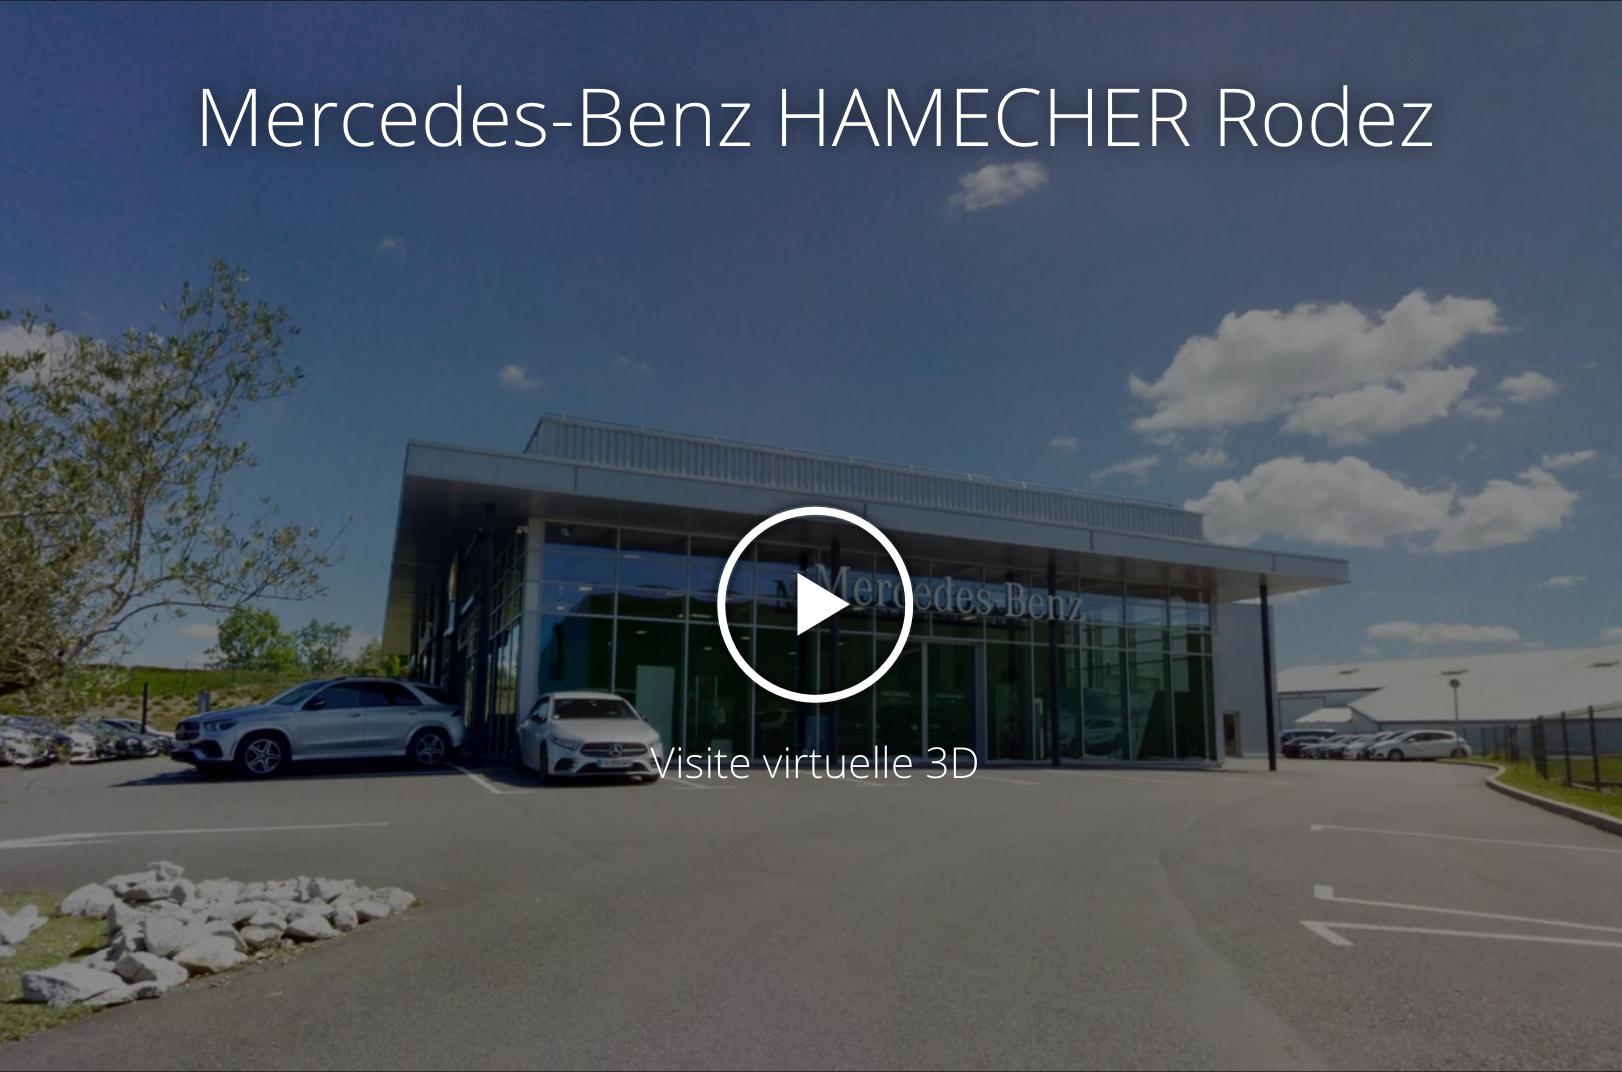 Visite virtuelle 3D Rodez